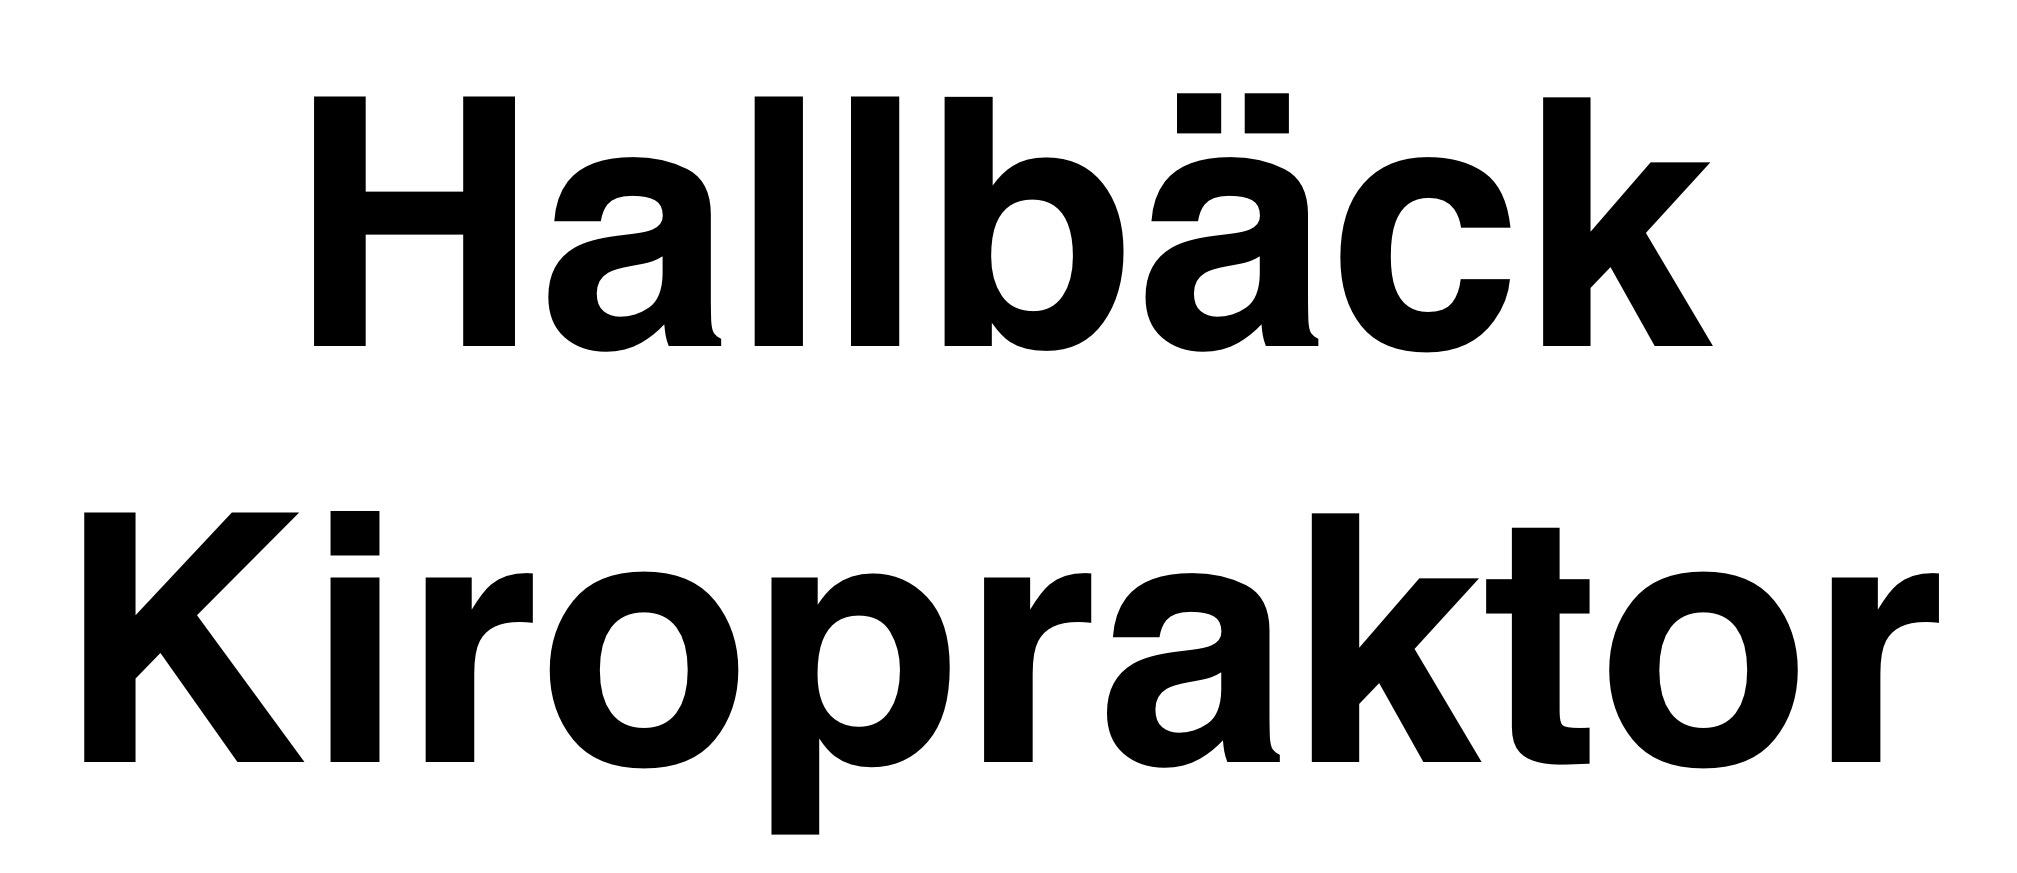 Leif Hallbäck